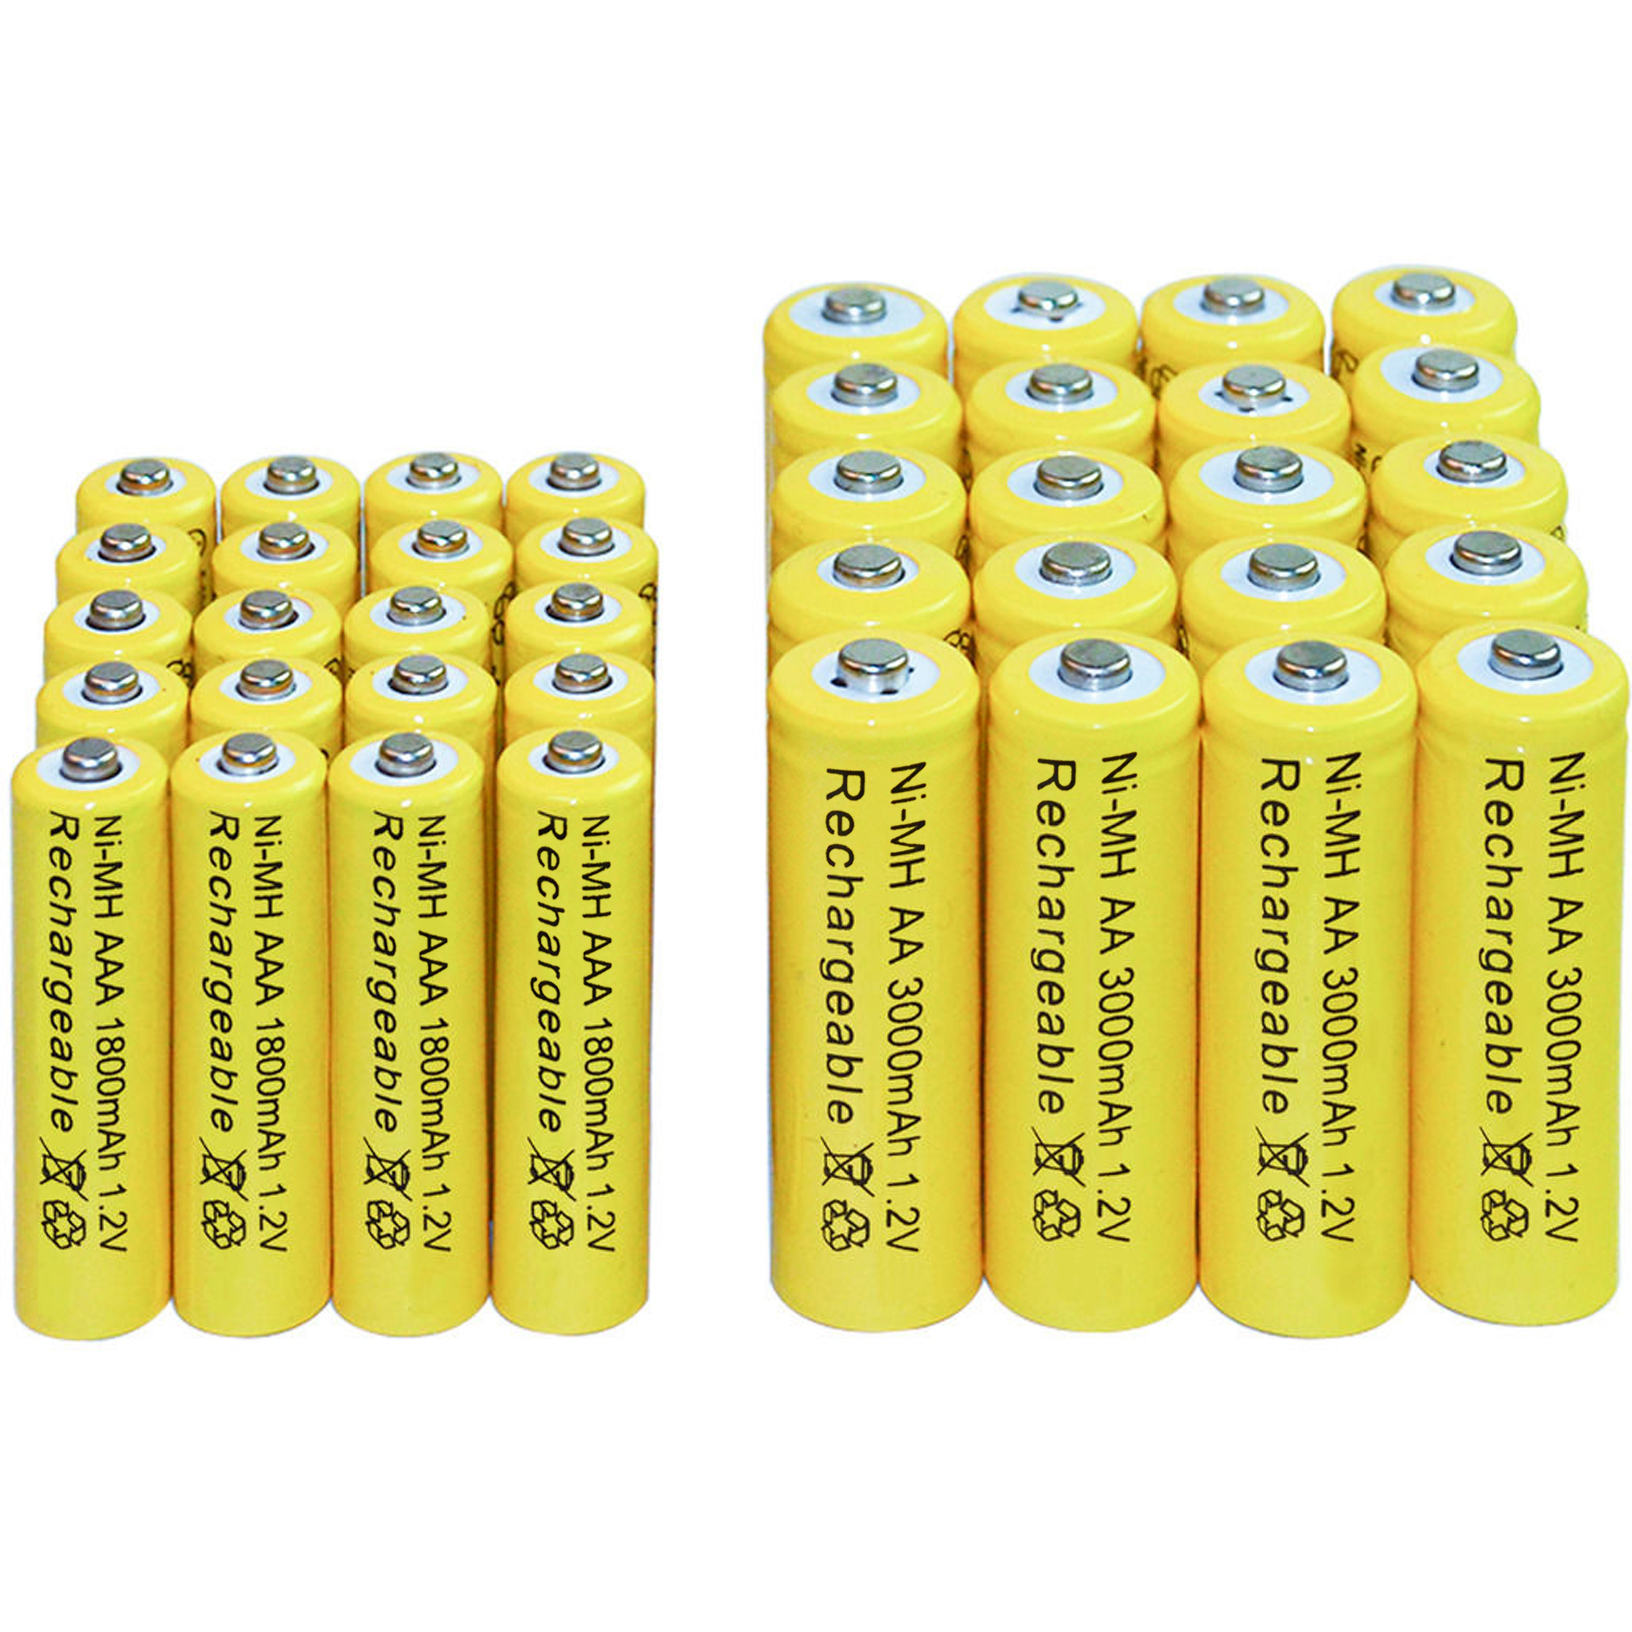 4/10/16/20/24/30/40 piezas AA 3000 mAh + AAA 1800 mah 1,2 V baterías recargables de Ni-MH amarillo celular envío gratis led juguetes de RC